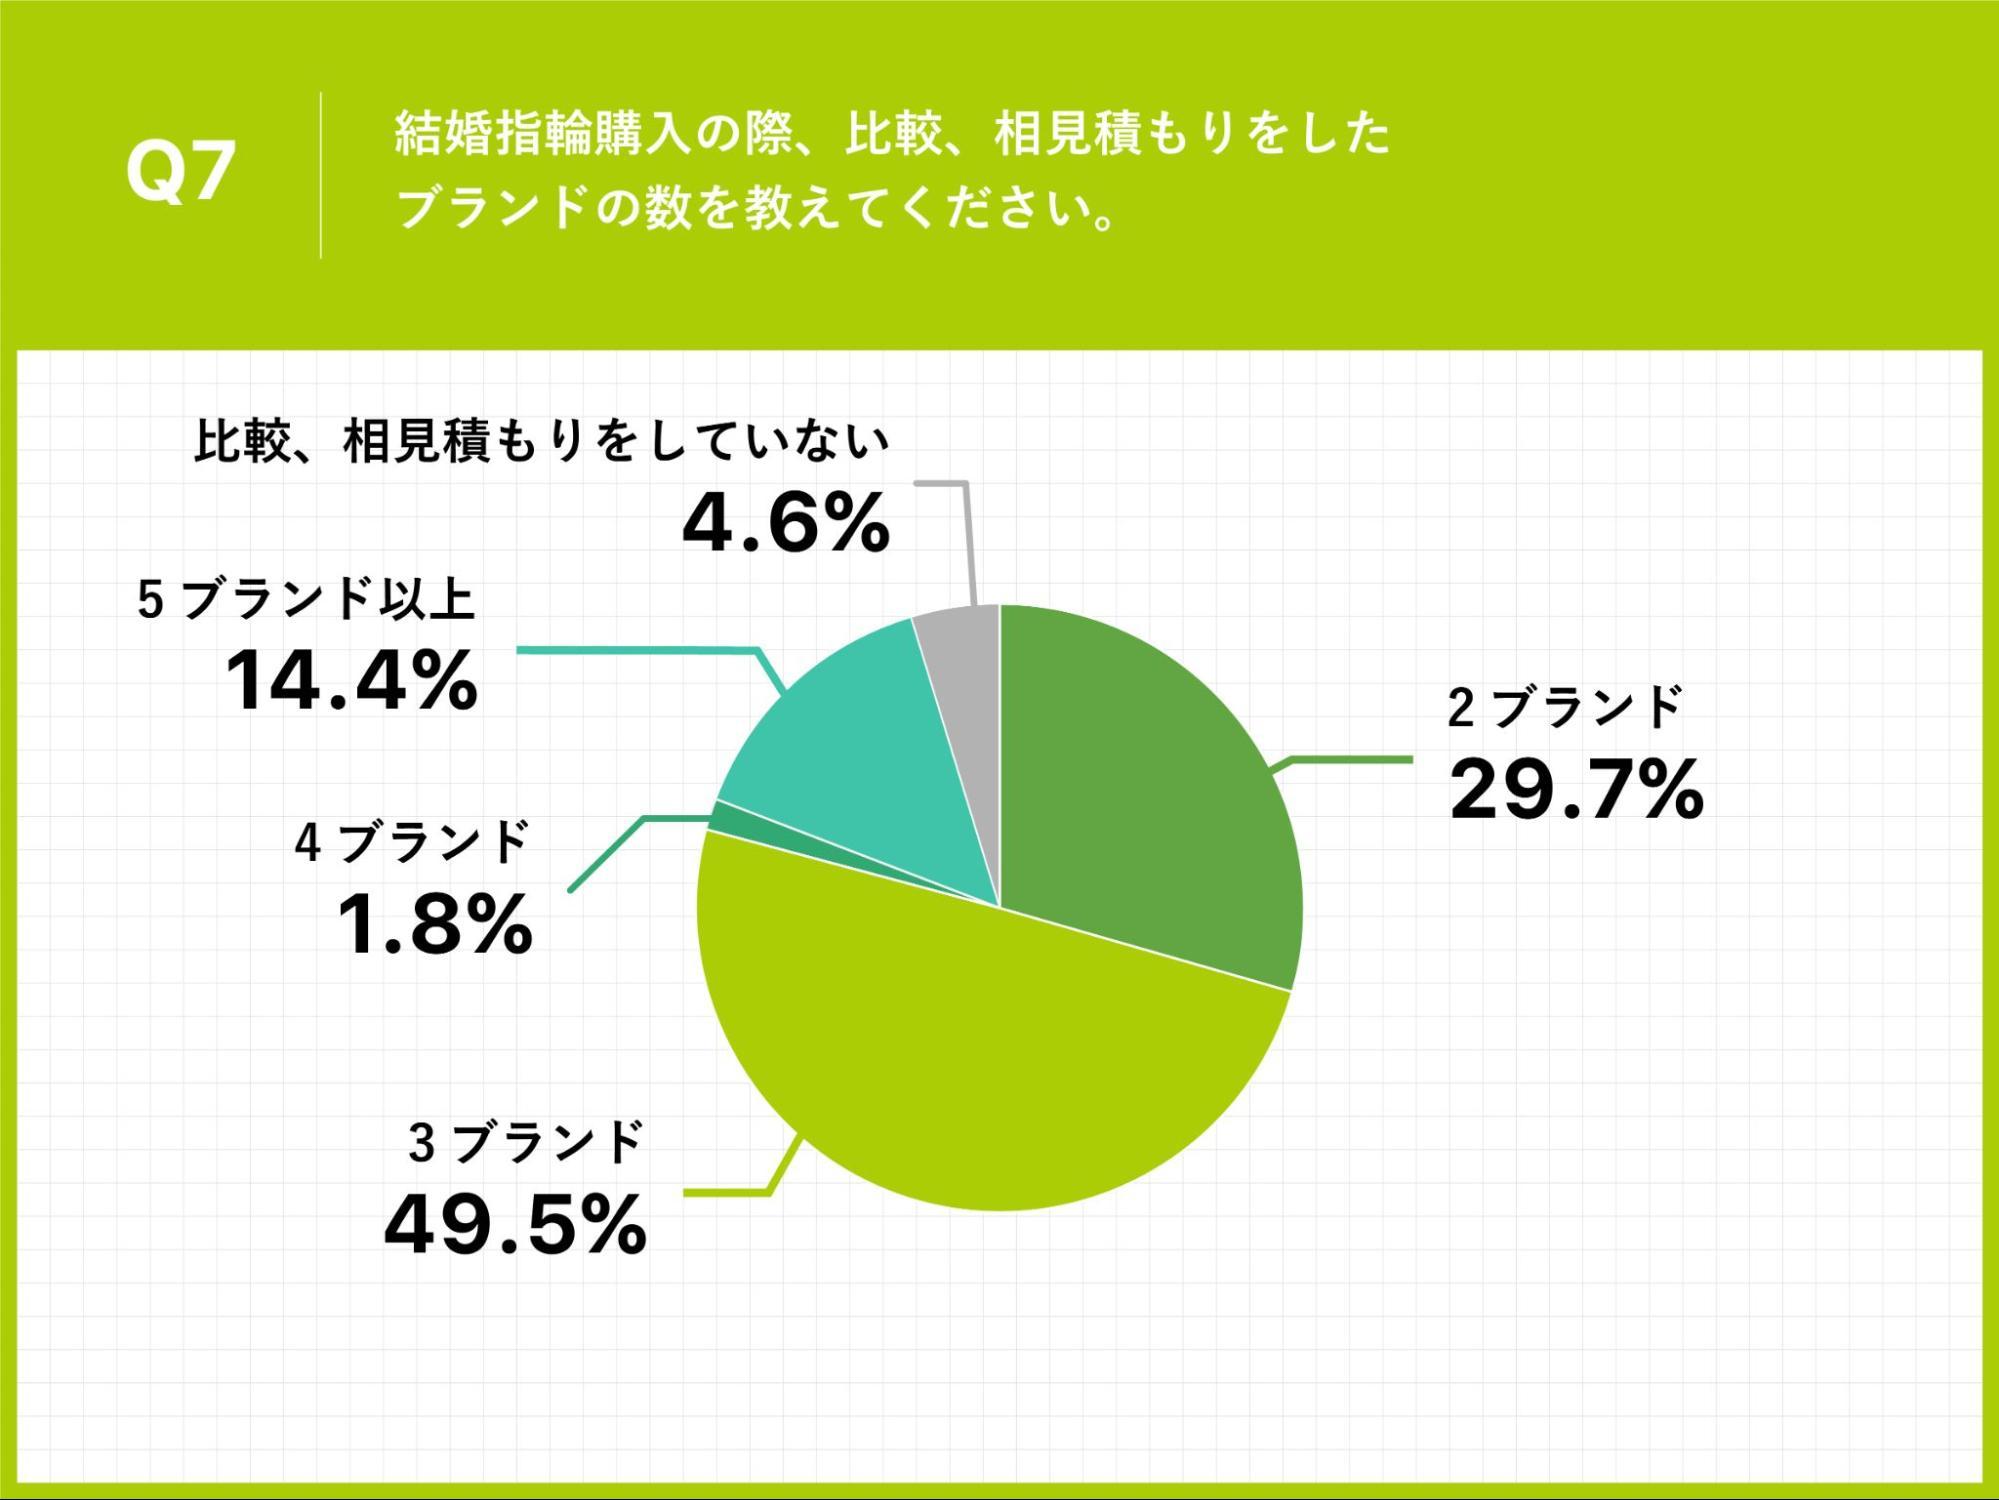 Q7.結婚指輪購入の際、比較、相見積もりをしたブランドの数を教えてください。